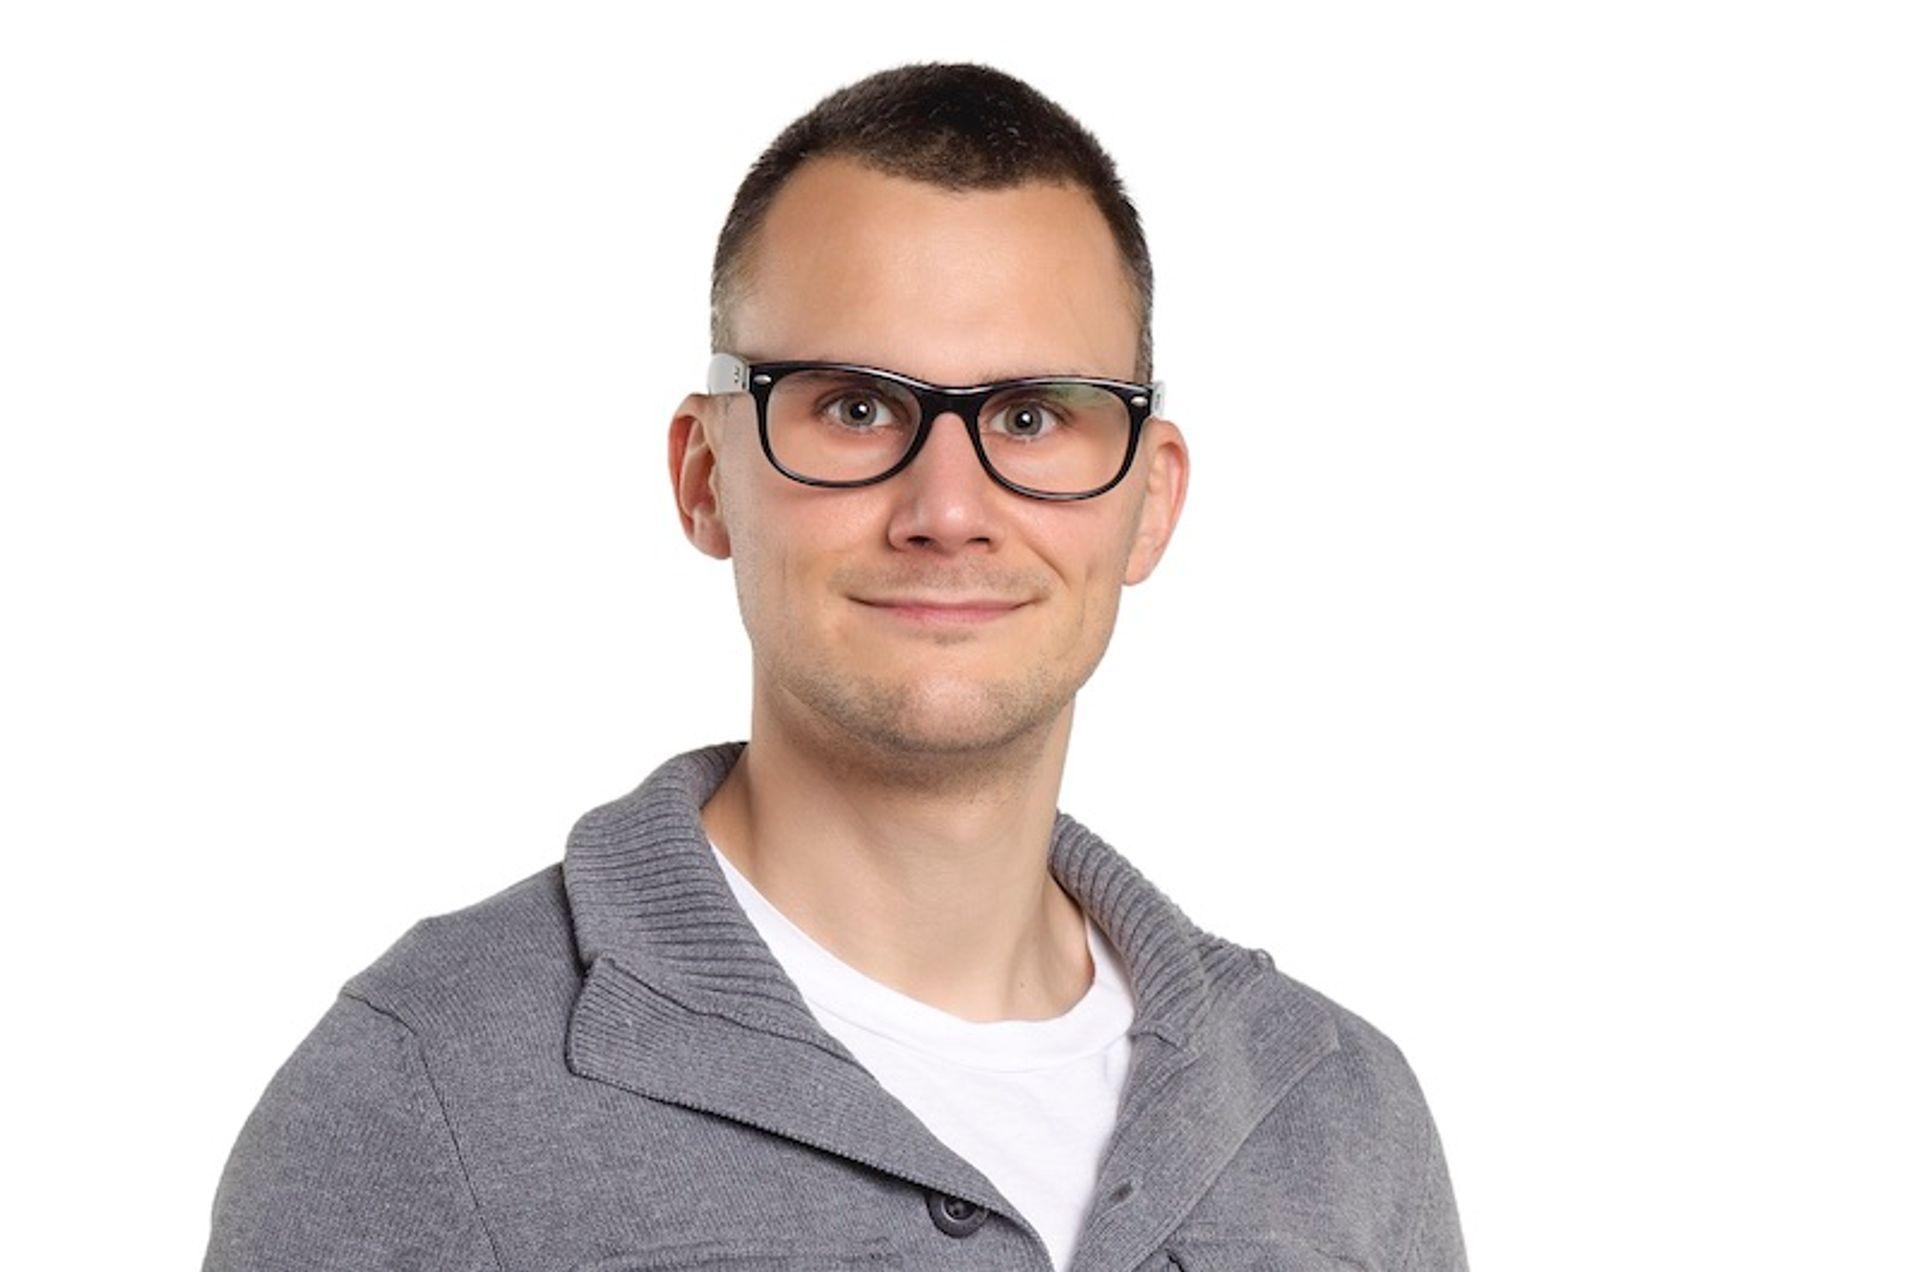 Selbstbestimmt im Alter: Lars Meckbach ist neuer Lebenshelfer in Fronhausen